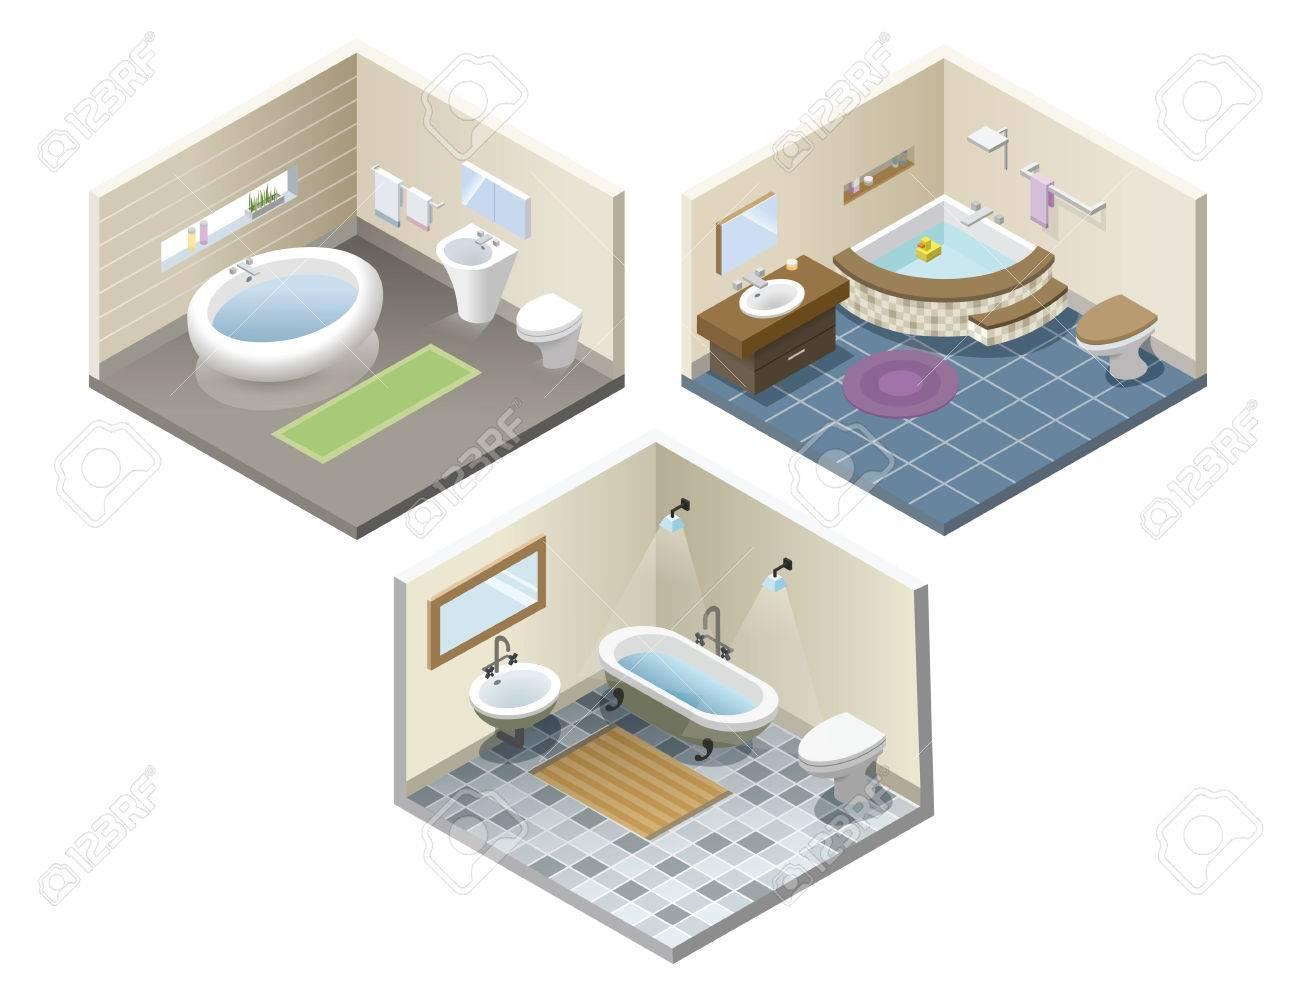 Vector conjunto de iconos isométrica de muebles de baño, cuarto de baño  retro isométrica y un interior moderno, diseño plano 3d de elementos del ...